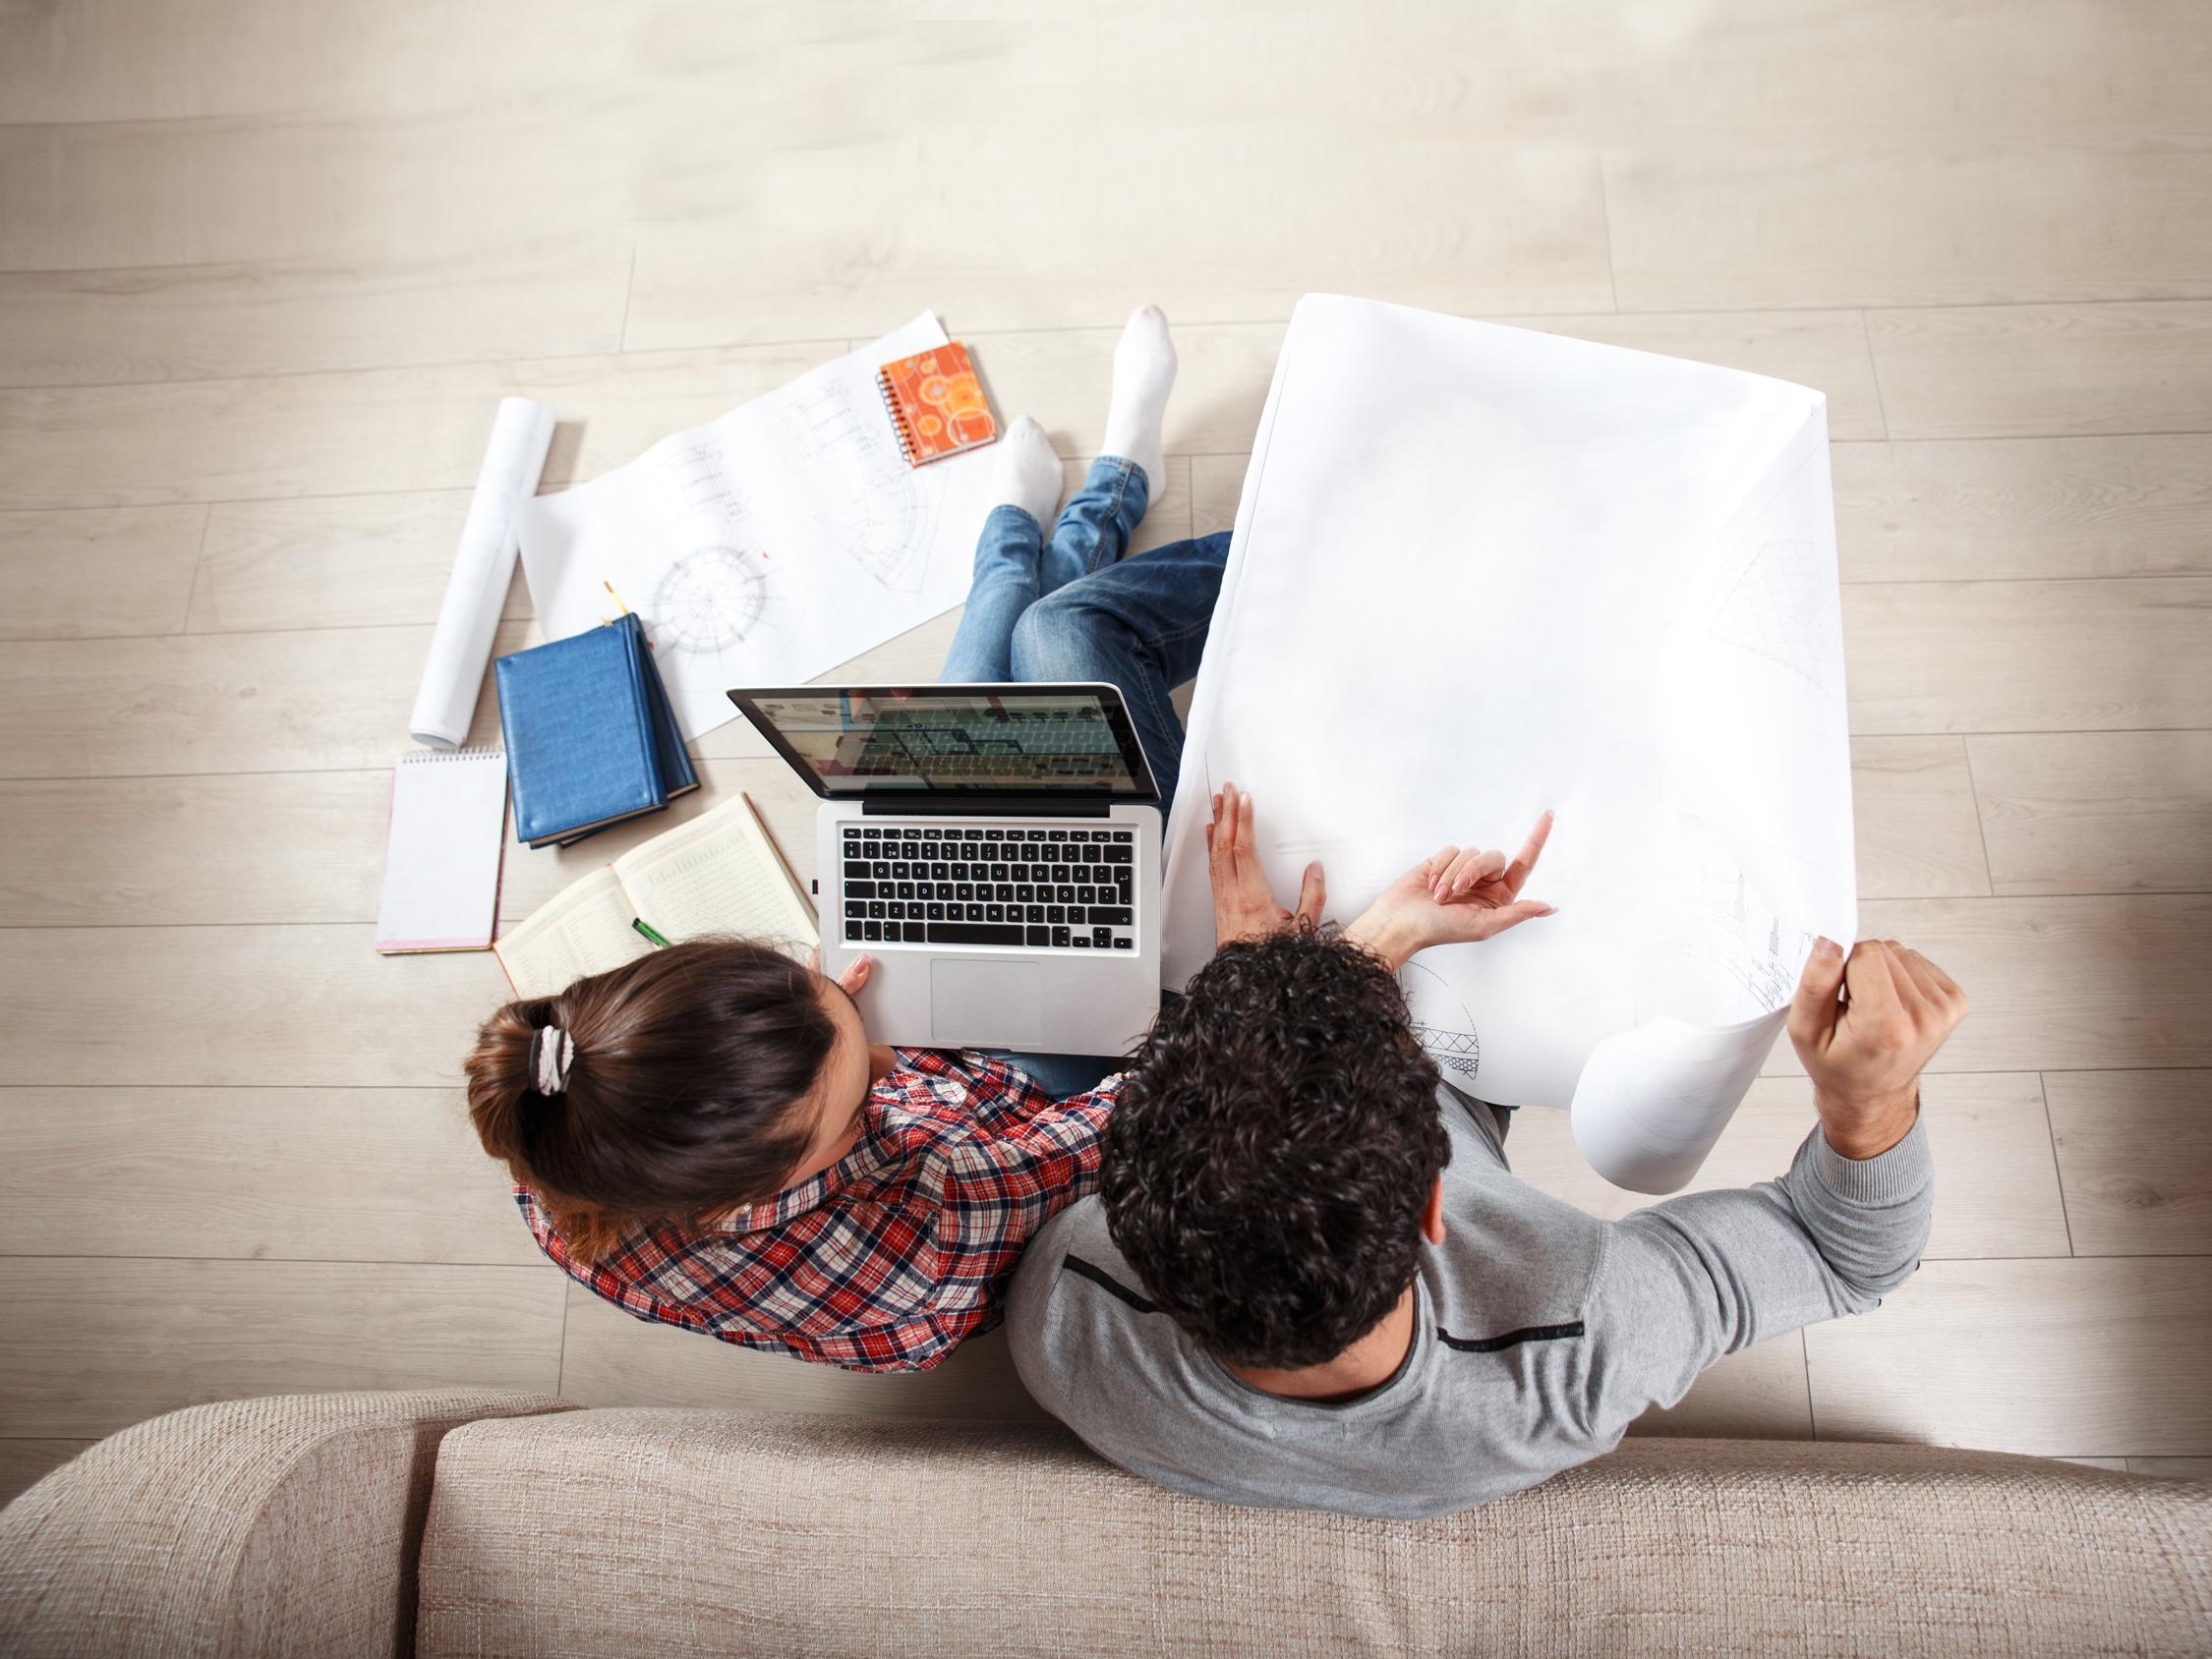 digital mortgage, mortgage websites, mortgage business development, real estate websites, mortgage software